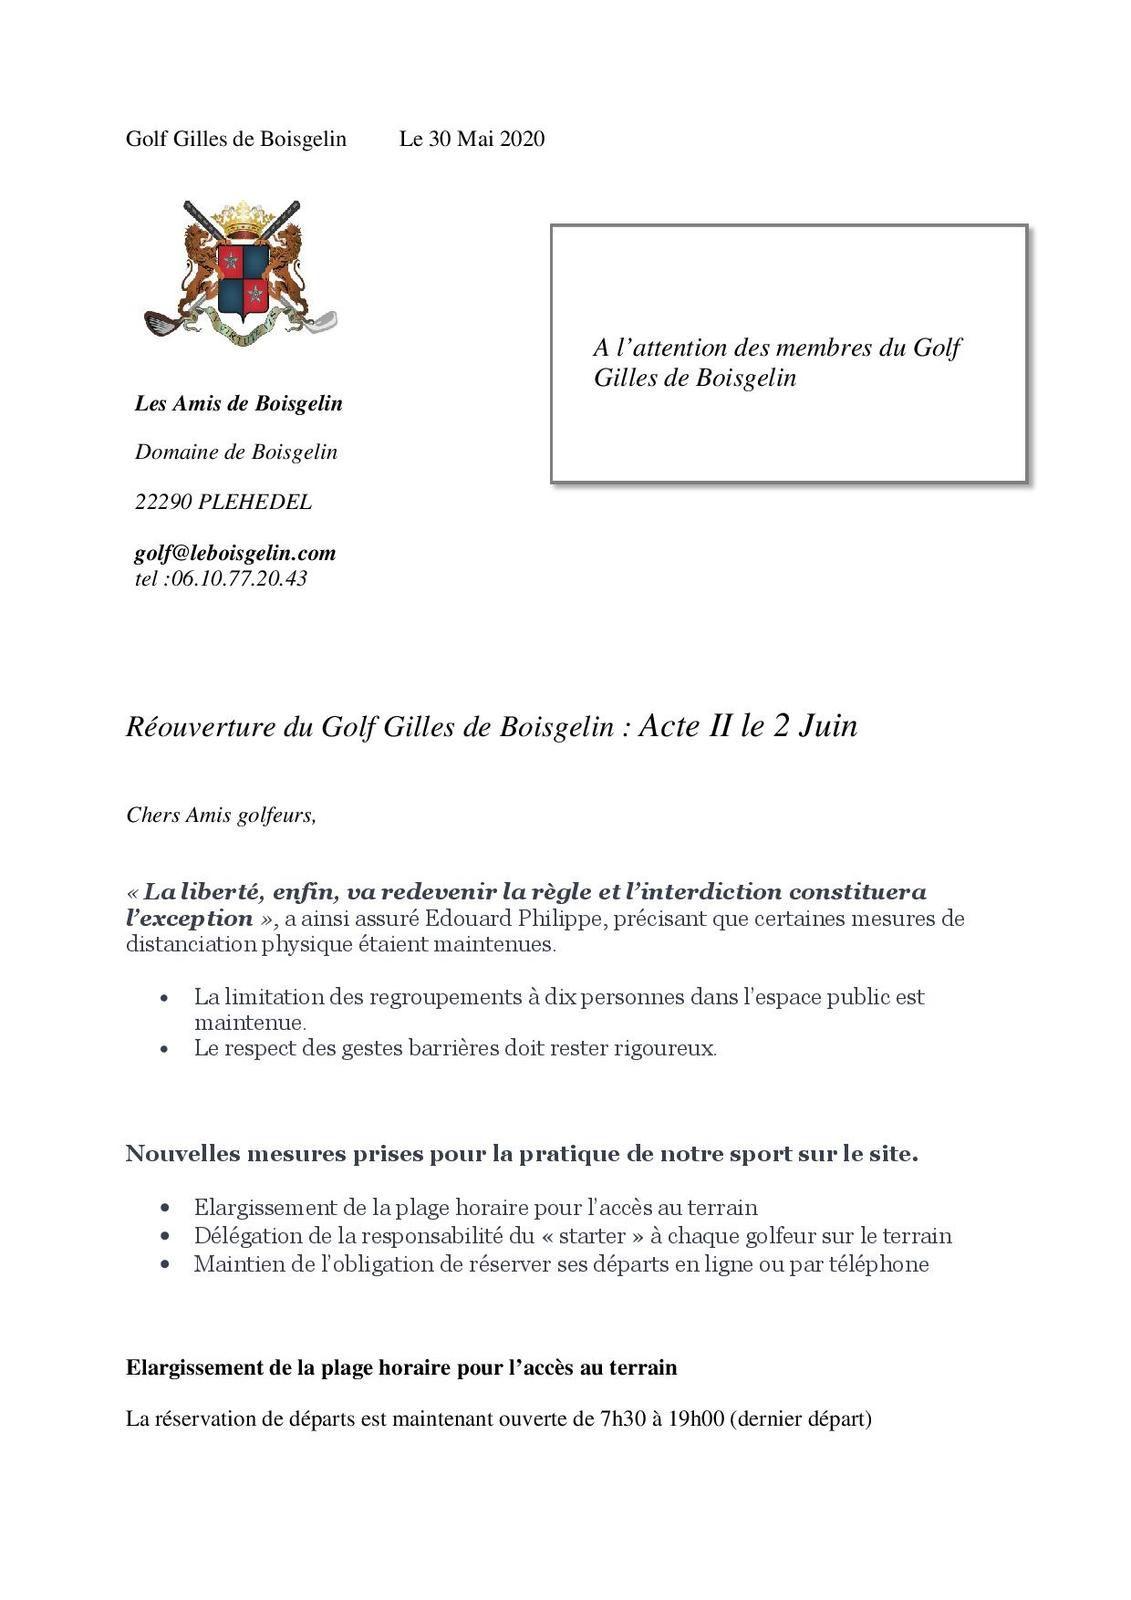 Ré-ouverture du golf Gilles de Boisgelin: Acte II : Rappel